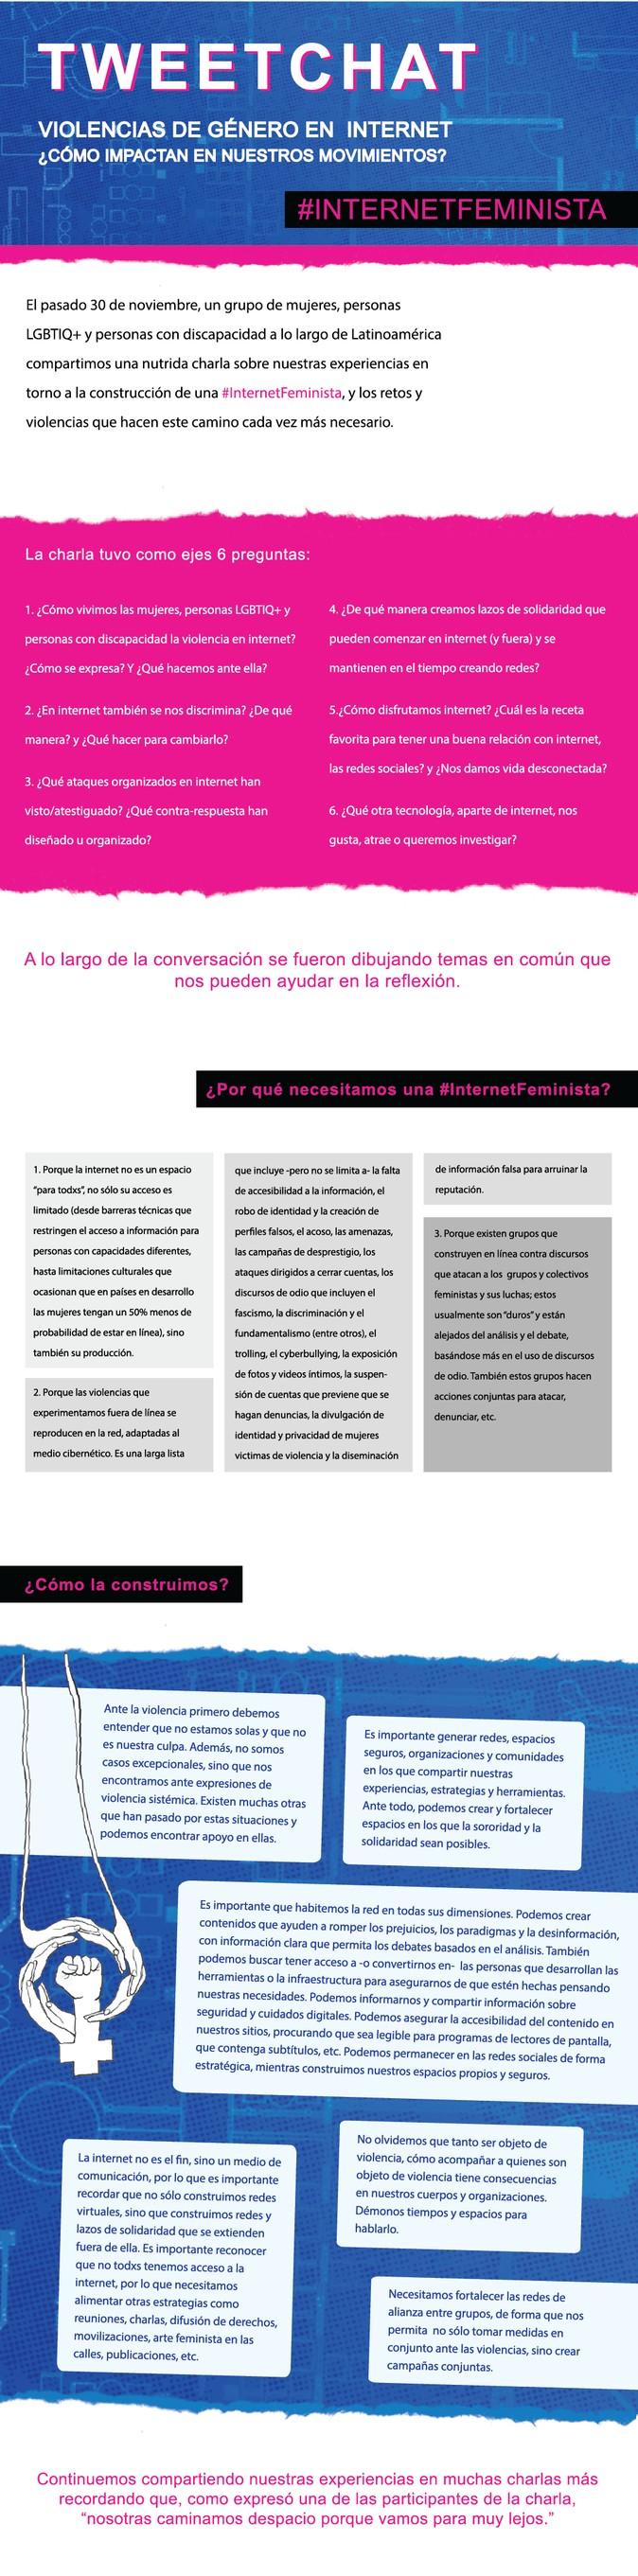 Resumen tweetchat sobre violencia interseccional en internet